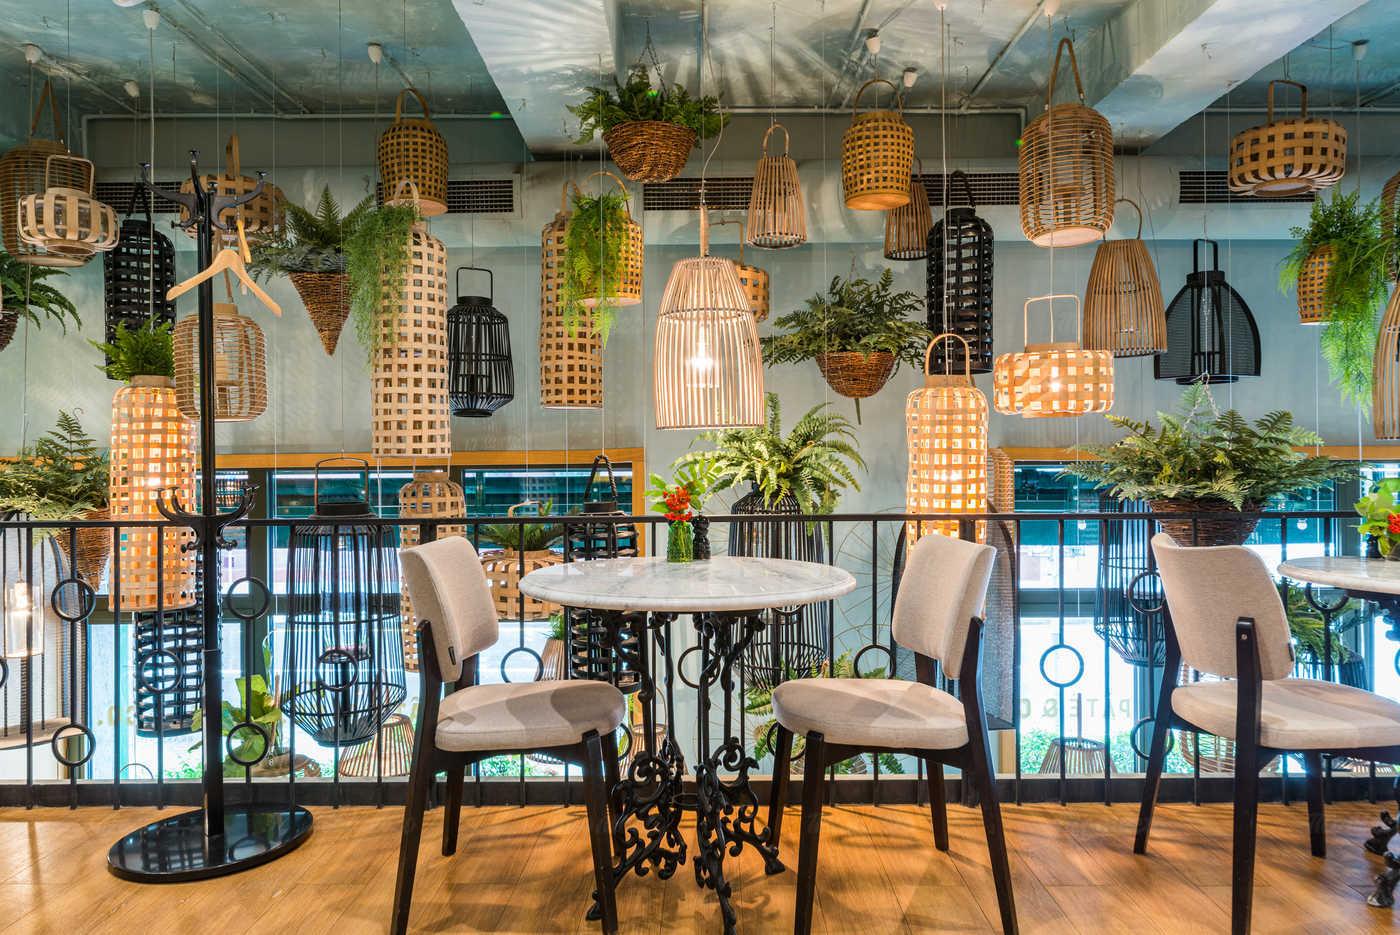 Ресторан Pate & Co на улице Балчуг фото 11